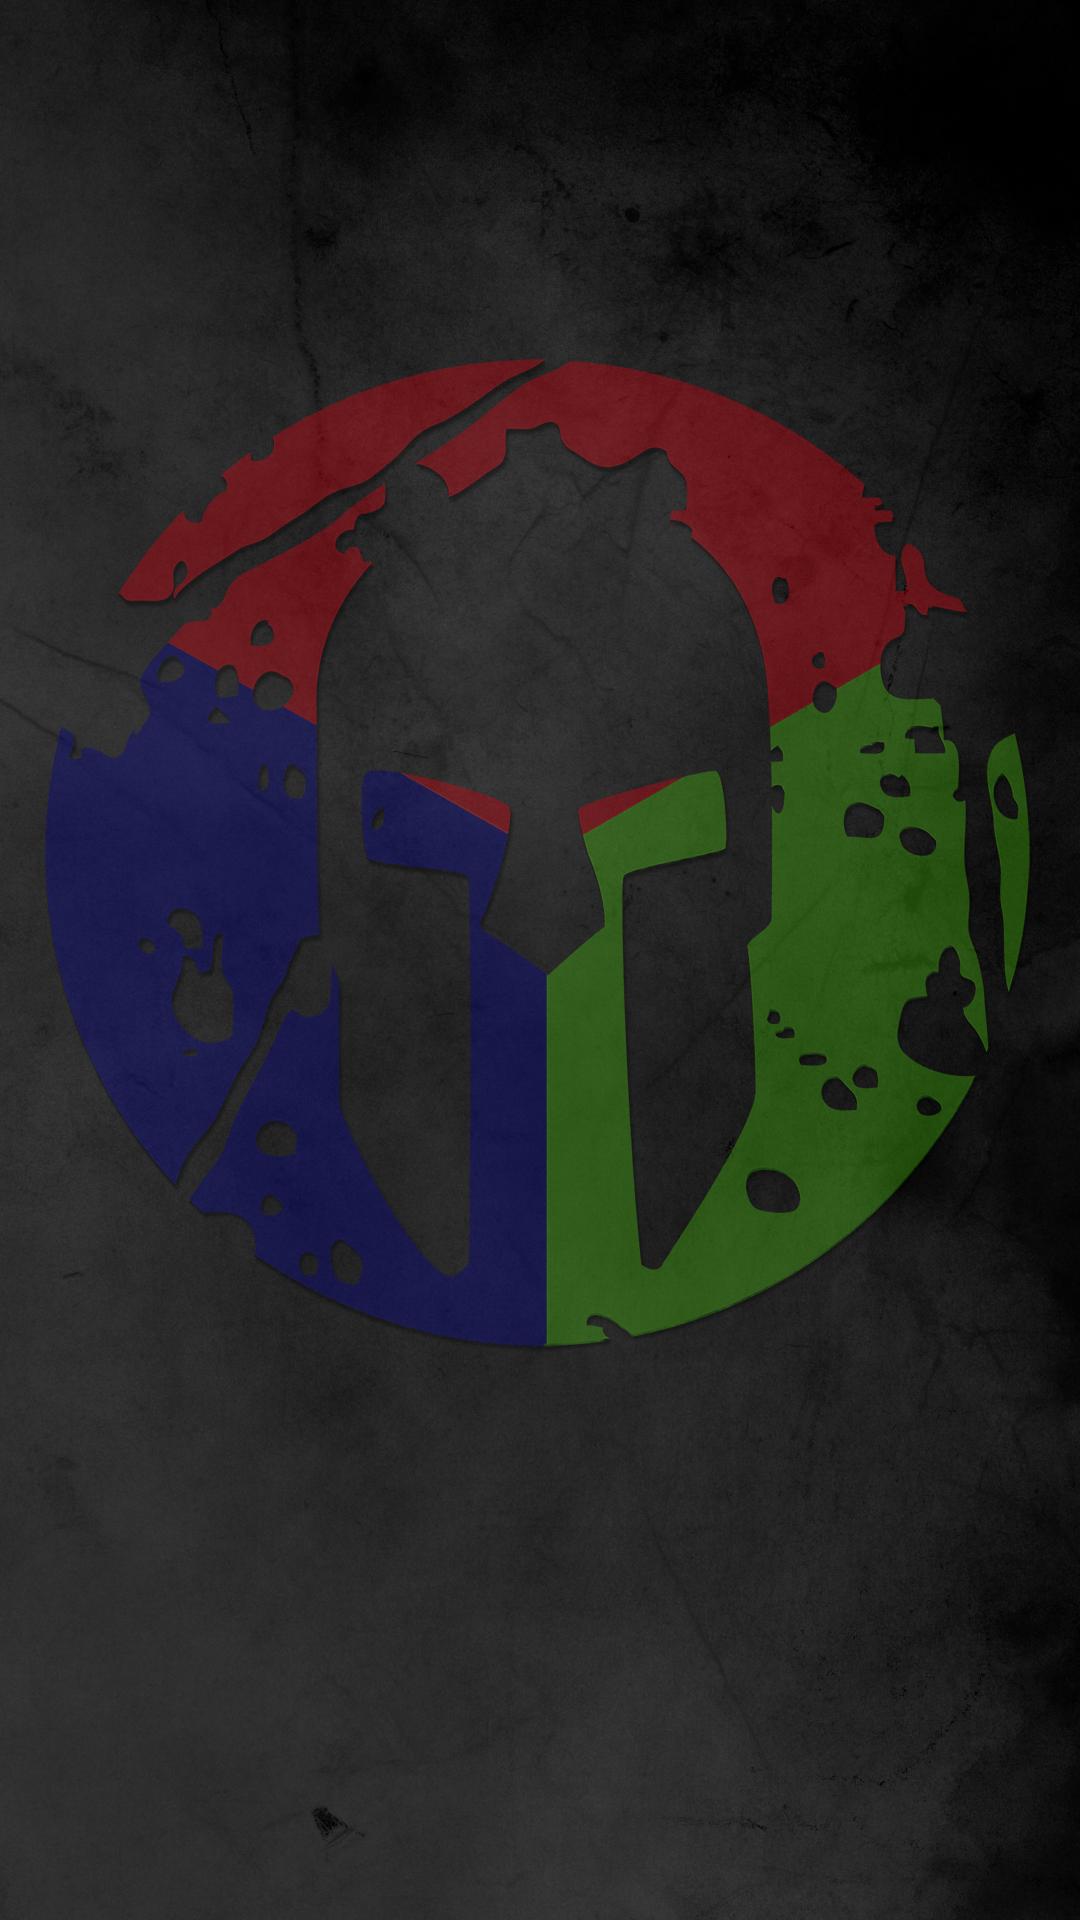 Spartan Trifecta Wallpaper 1080x1920